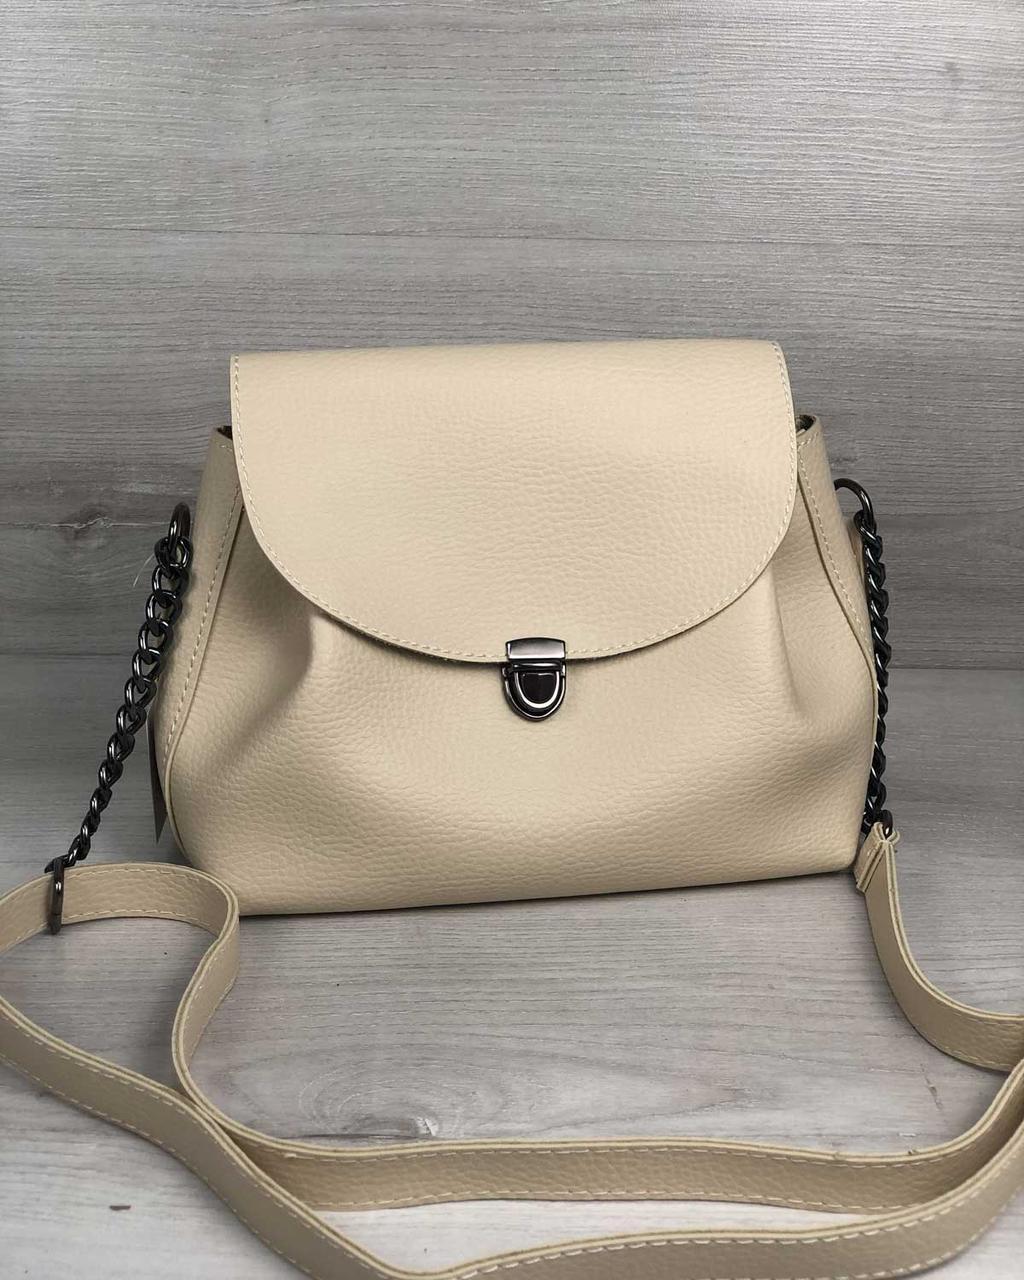 Бежевая стильная классическая женская сумка на длинном ремешке